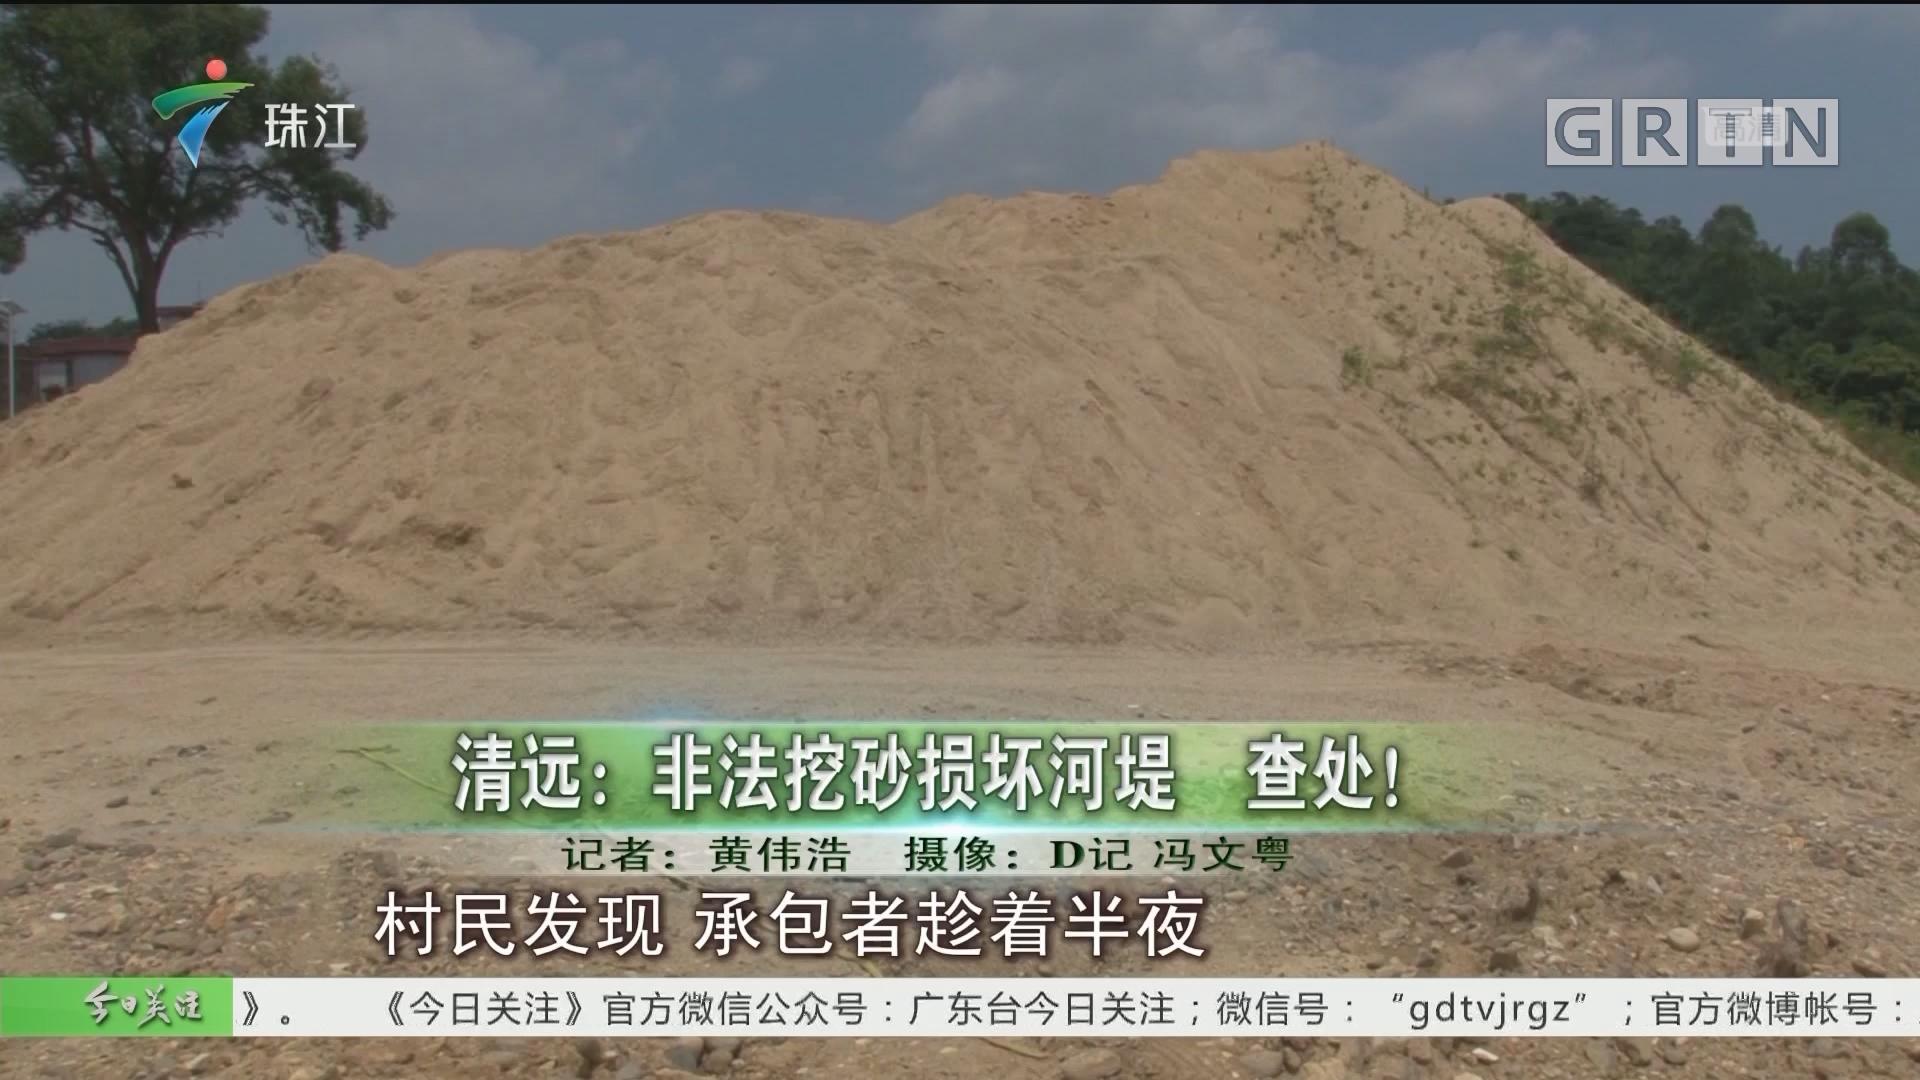 清远:非法挖砂损坏河堤 查处!